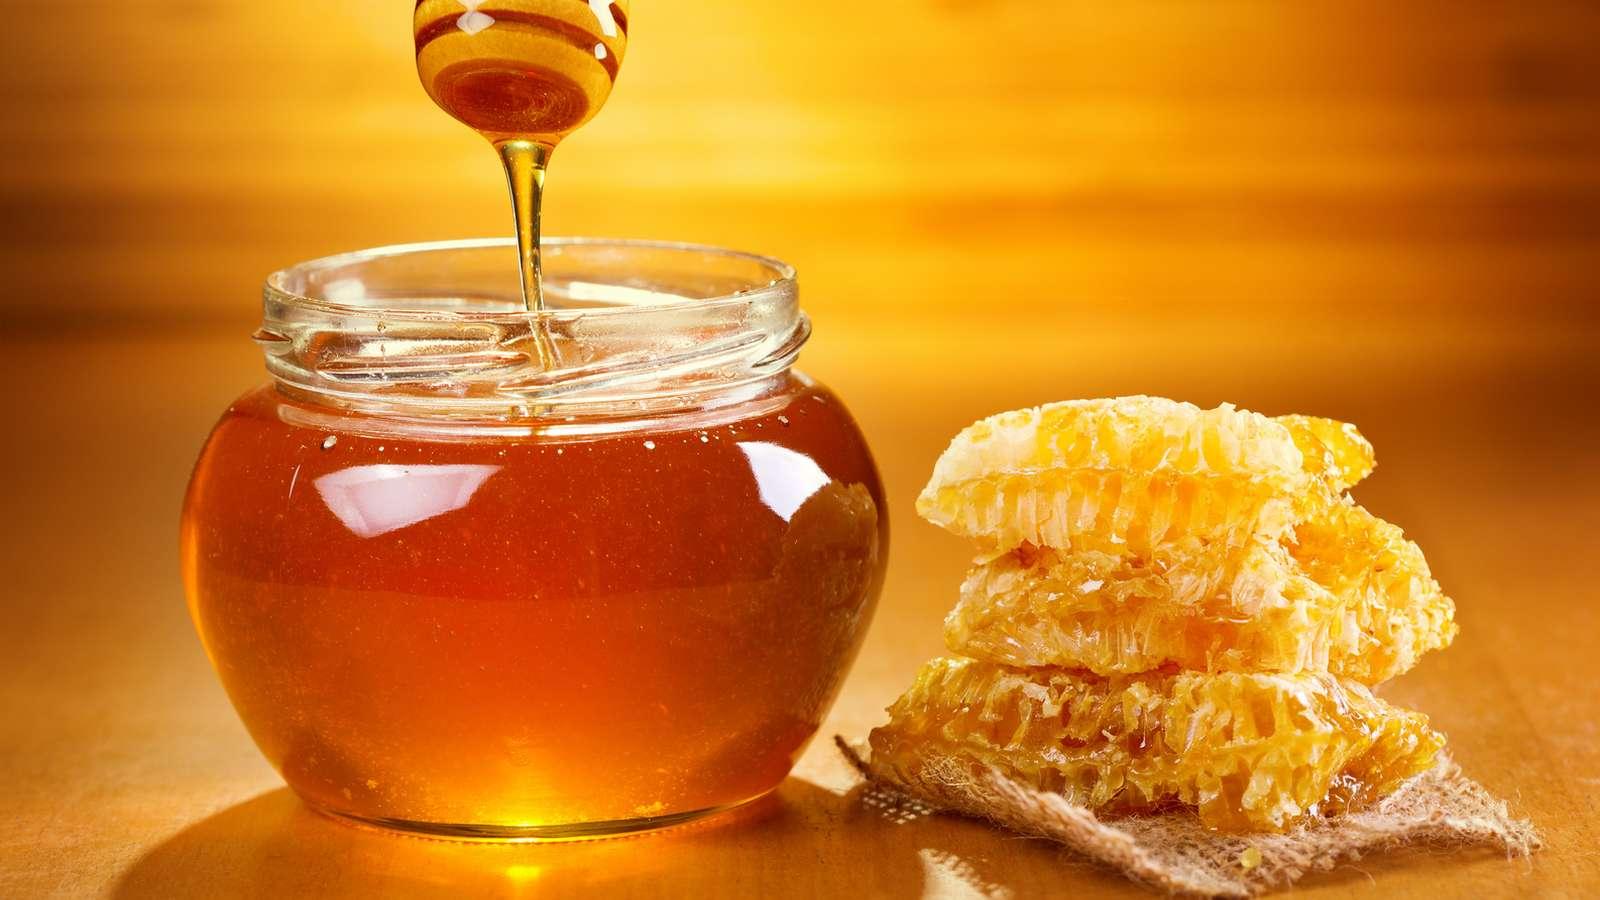 warum du manuka honig essen solltest und wie seine anwendung ist evidero. Black Bedroom Furniture Sets. Home Design Ideas